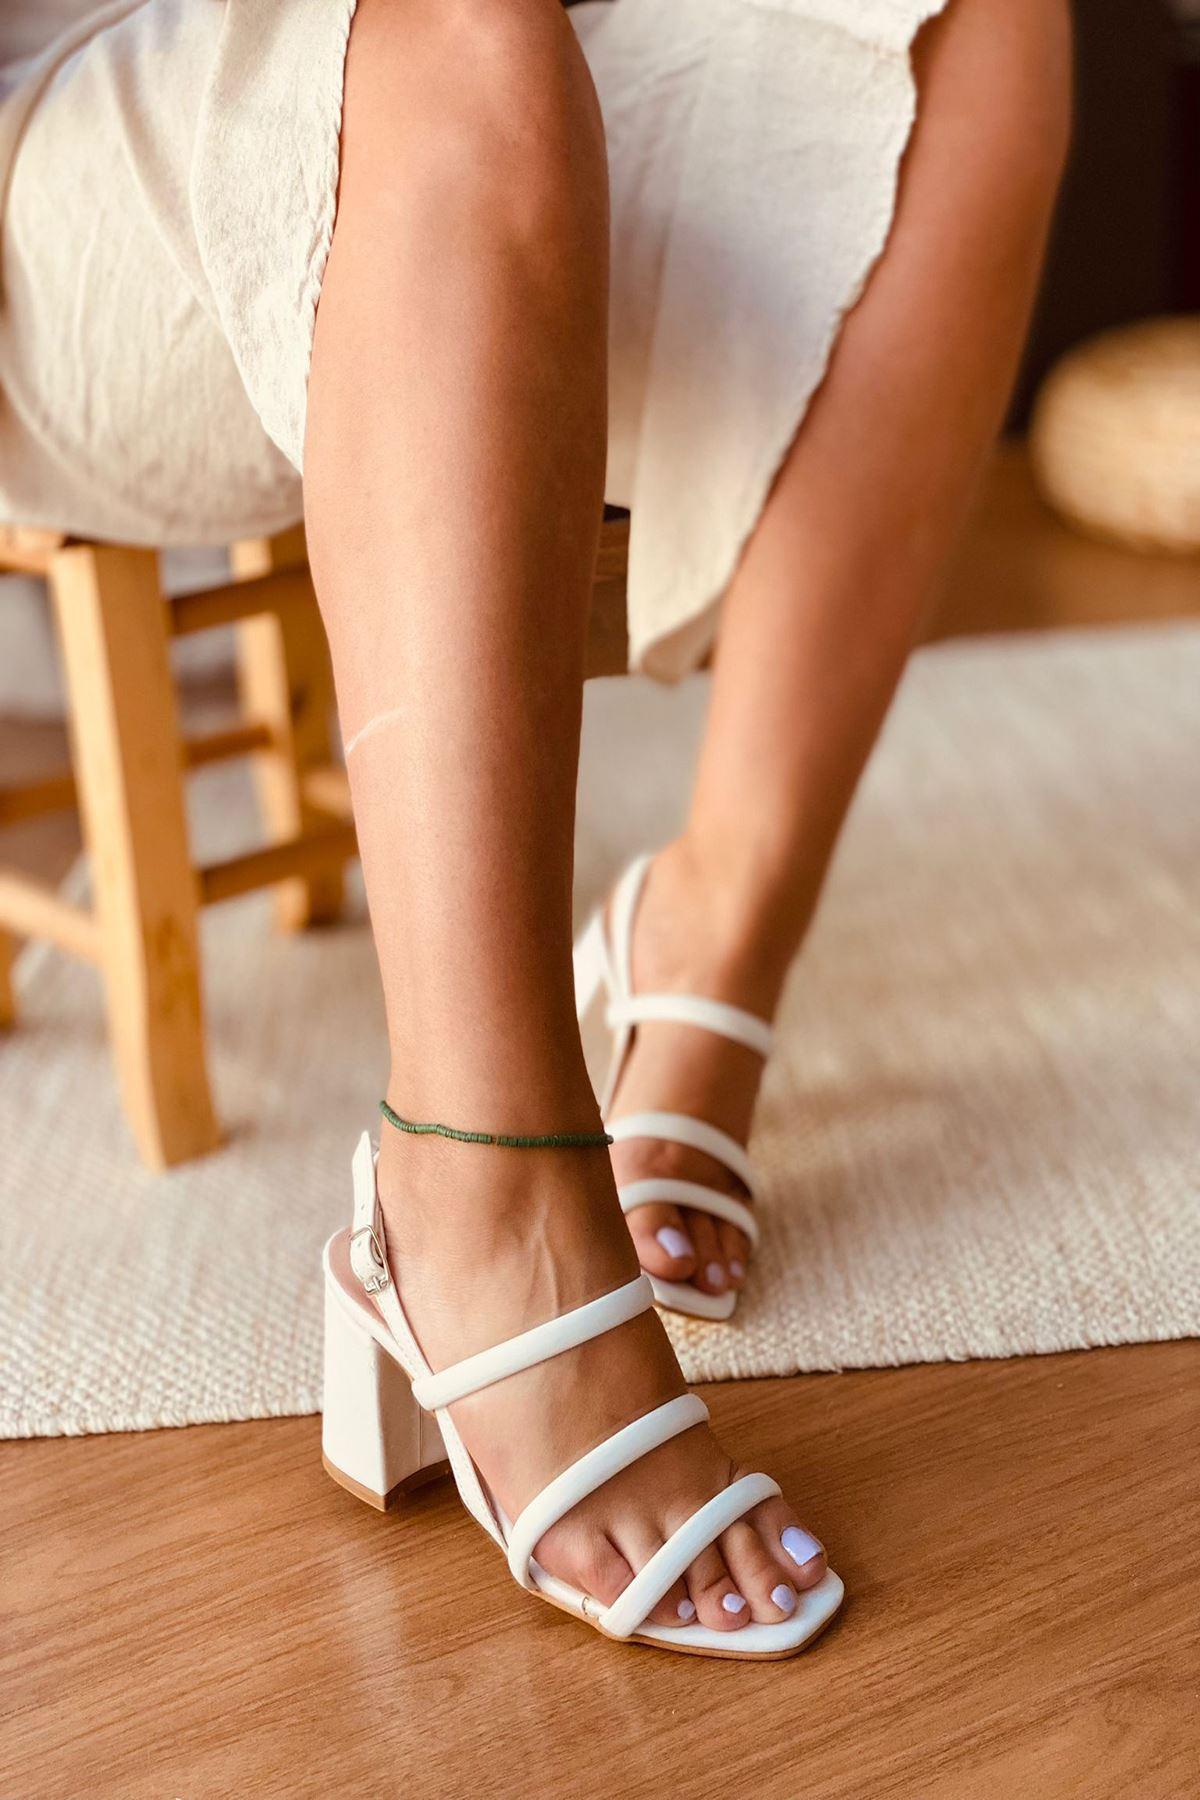 Y3011 Beyaz Deri Topuklu Ayakkabı